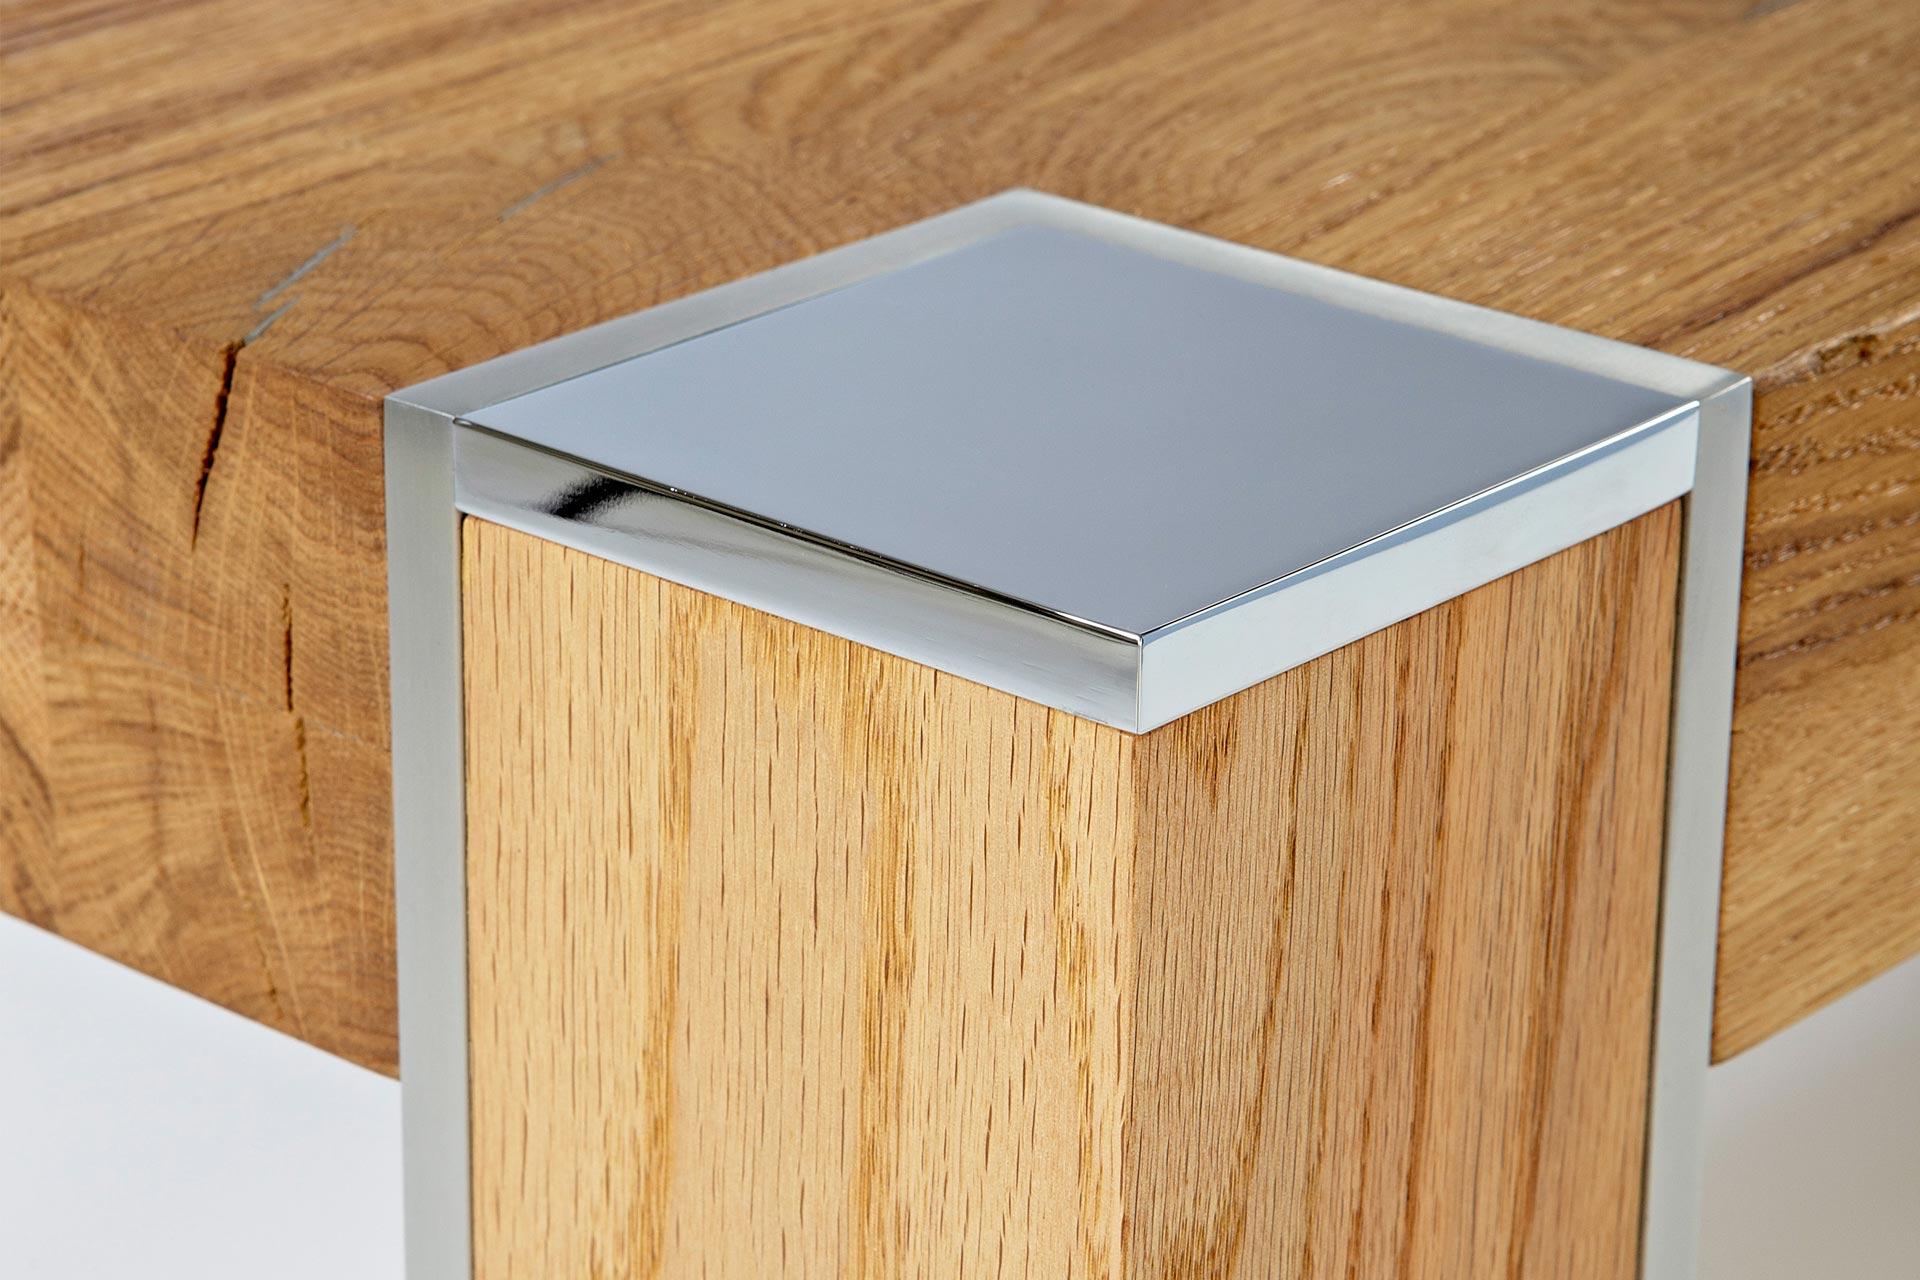 esstisch baumkante massivholz eiche hell detail esstisch. Black Bedroom Furniture Sets. Home Design Ideas